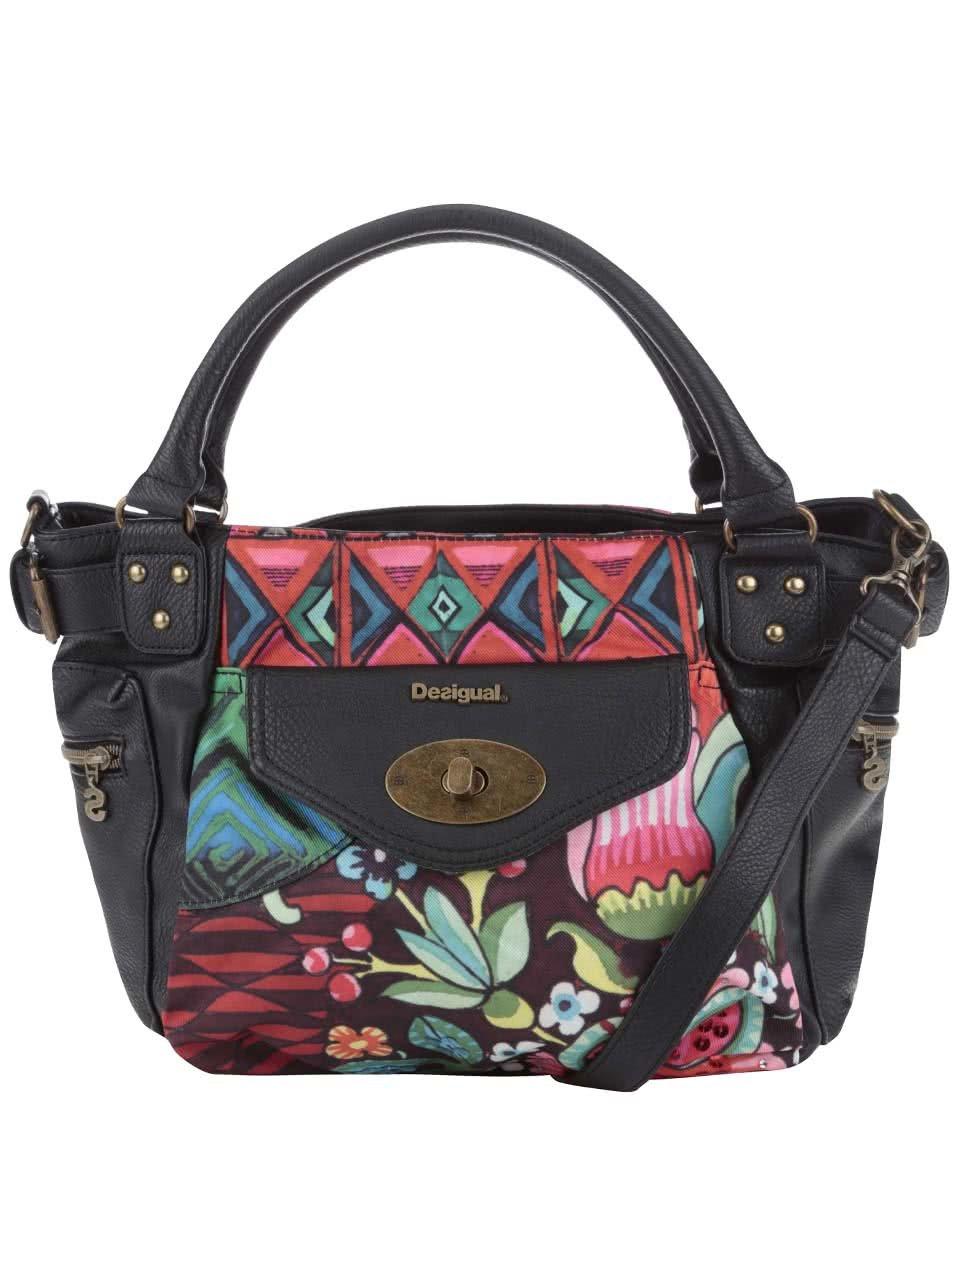 Černá kabelka s barevnými vzory Desigual McBee Ikara